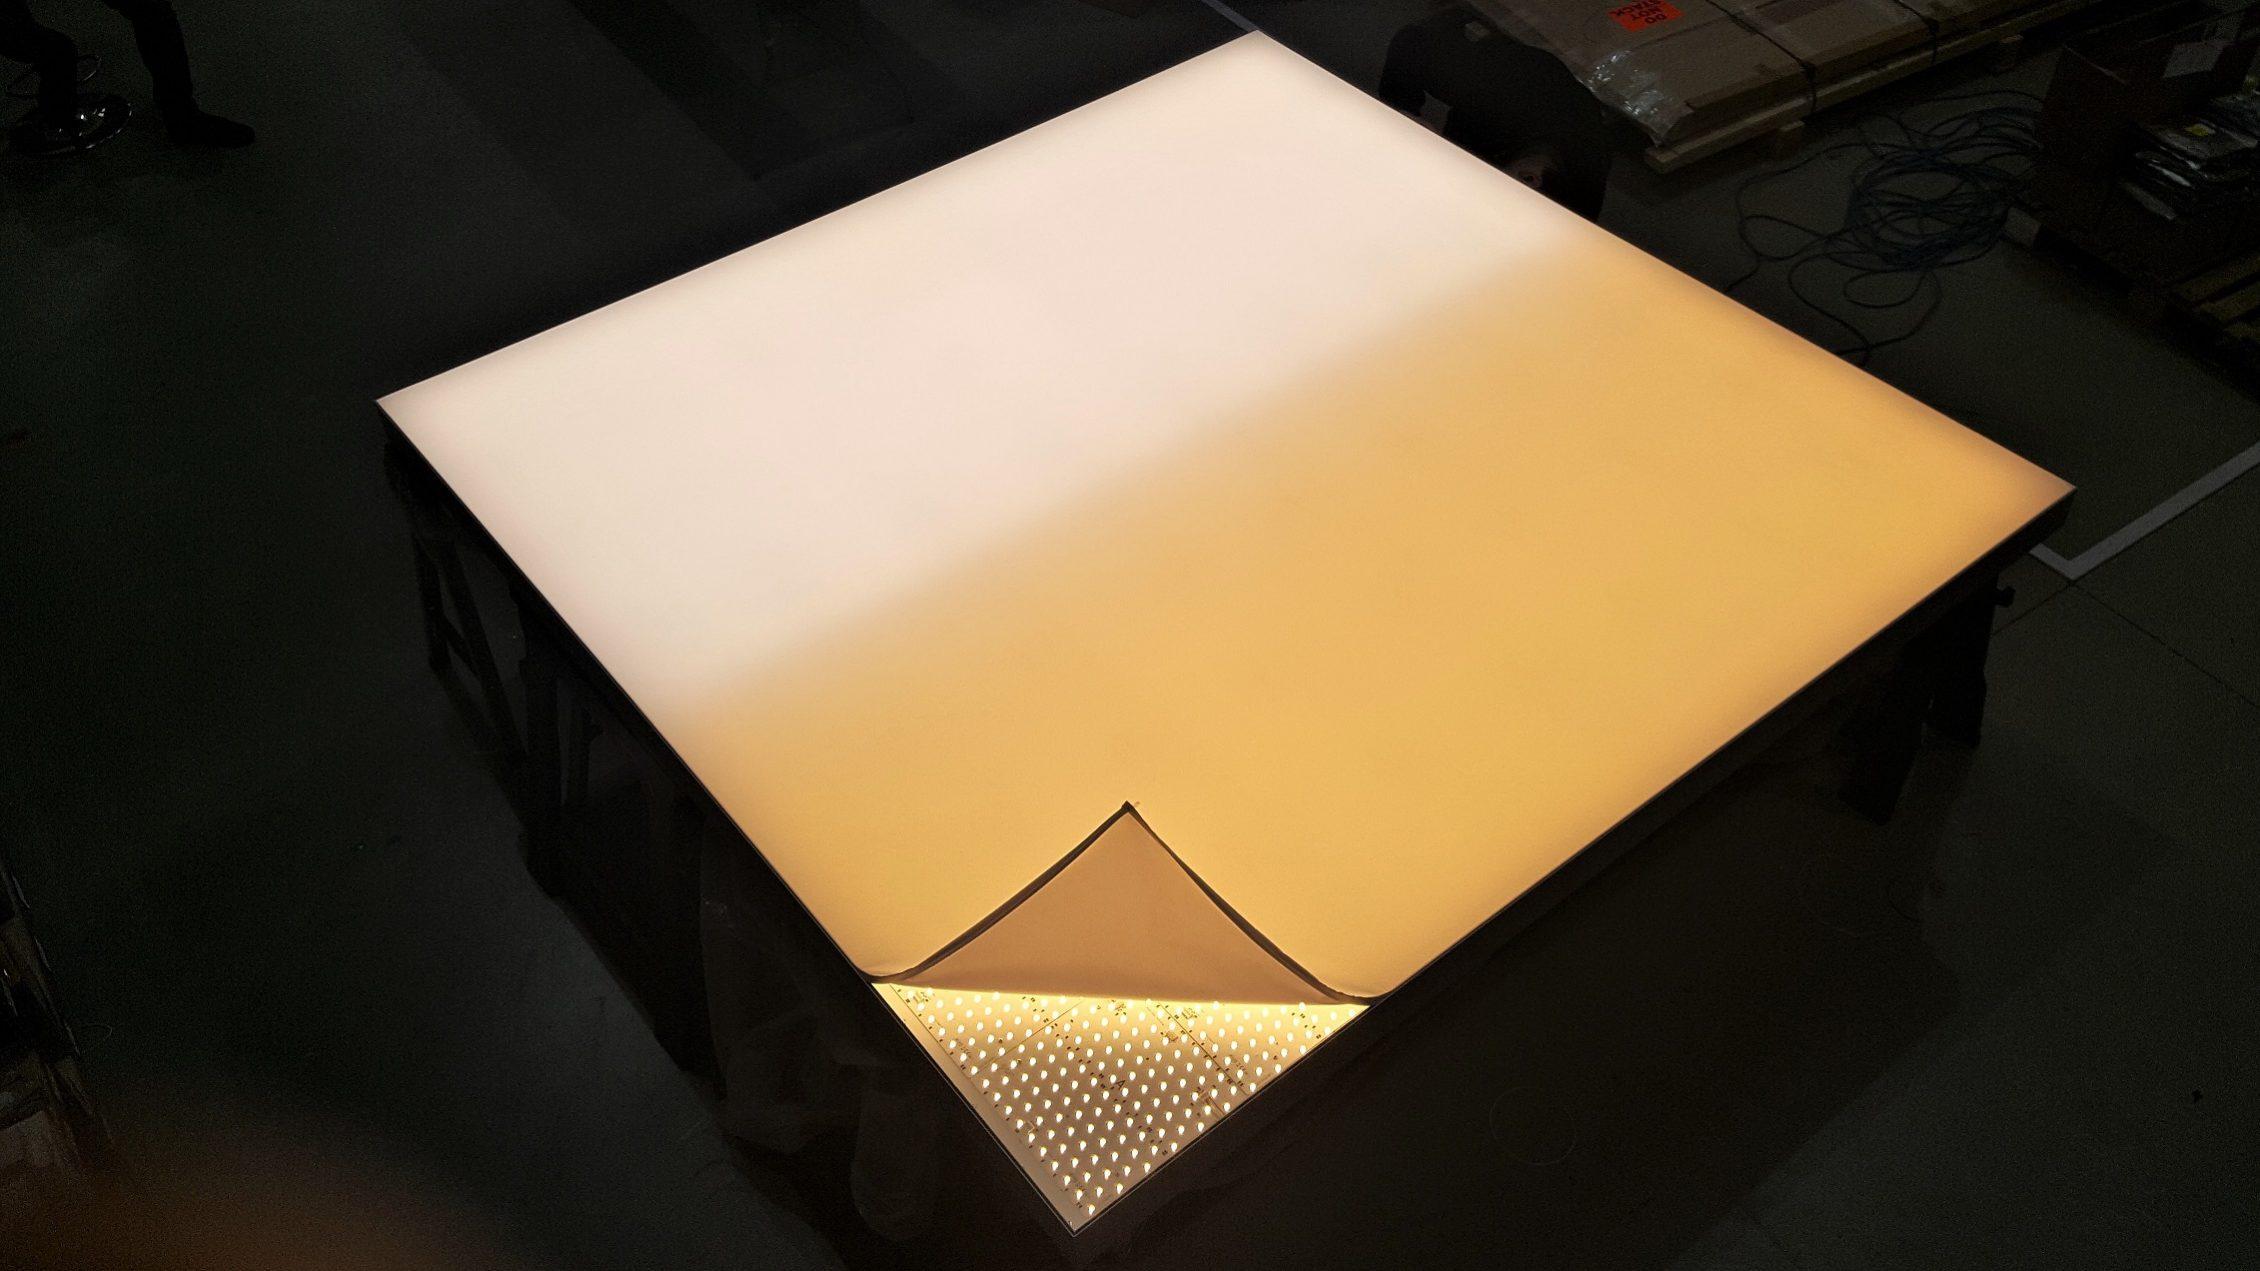 Dynamic White Light Box